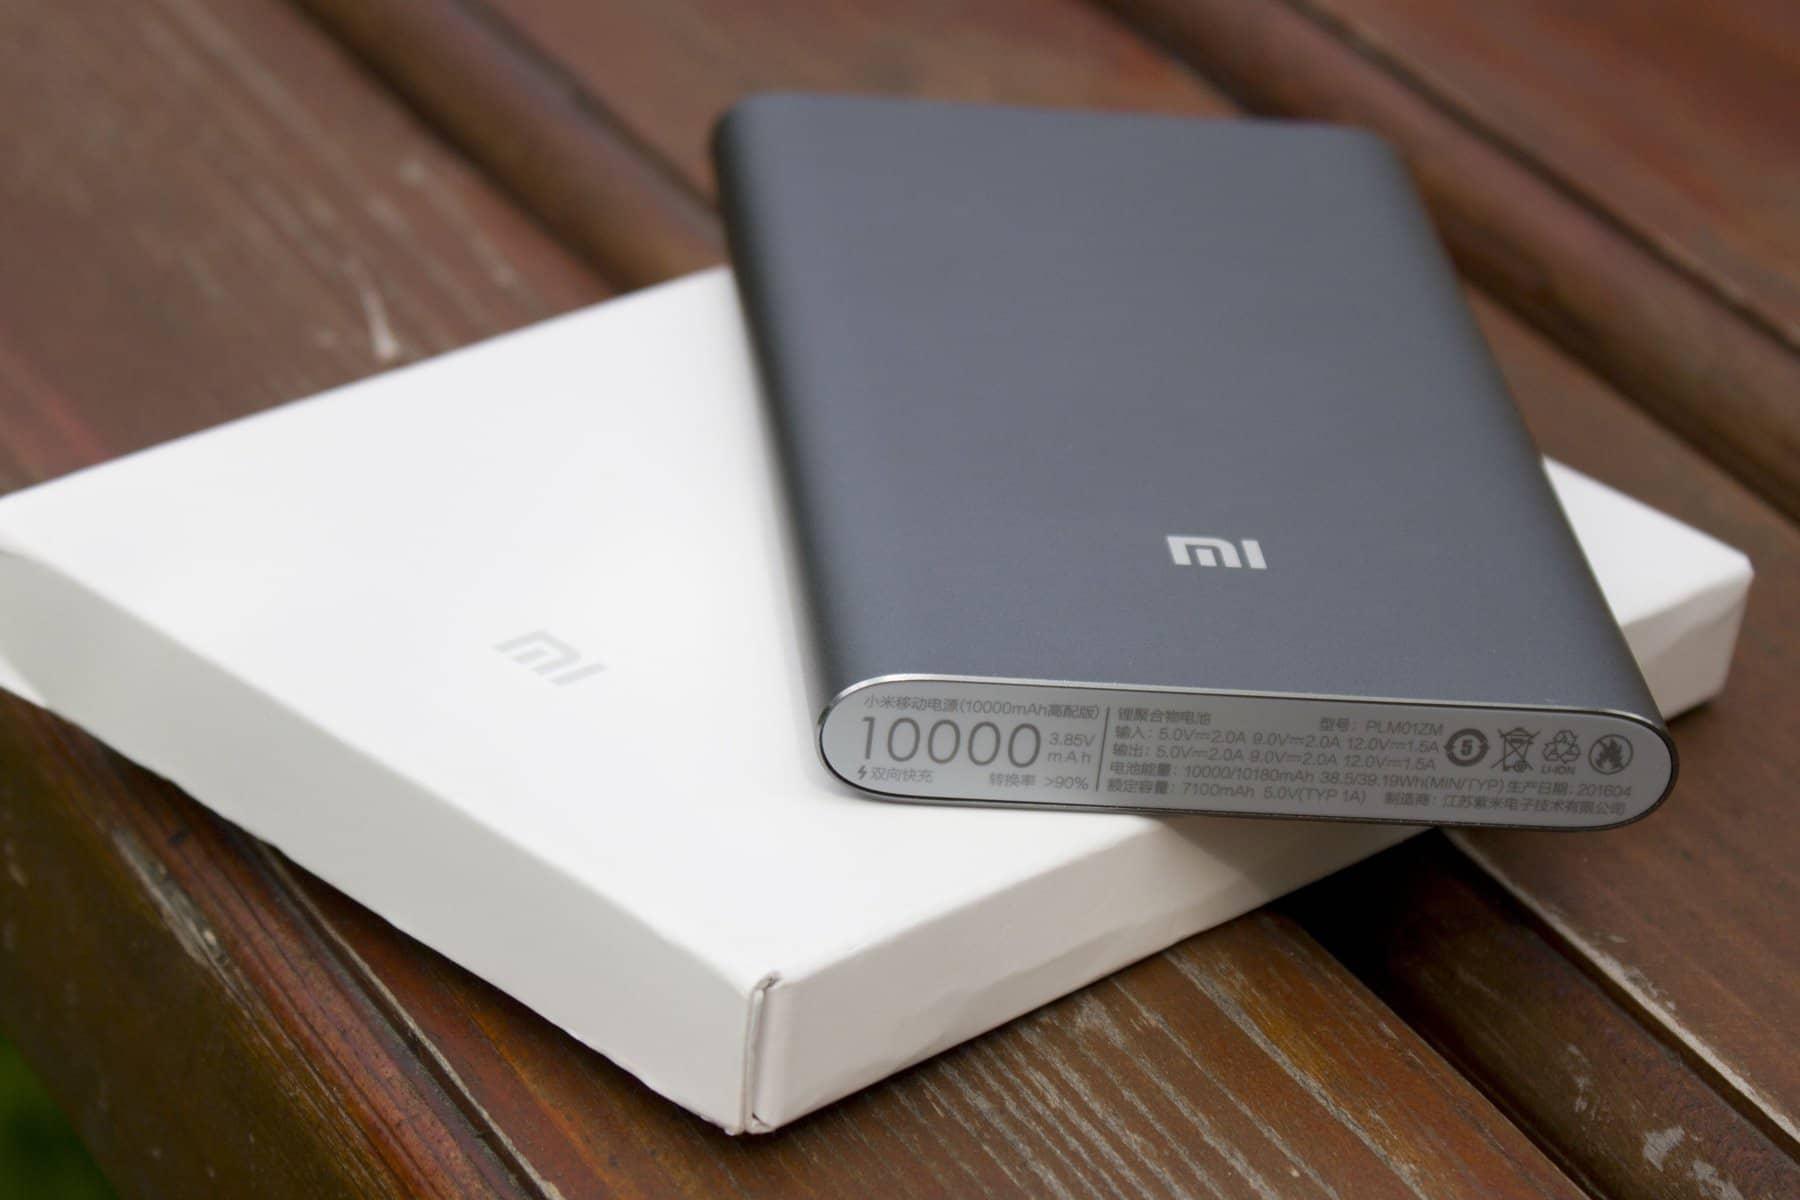 Обзор аккумуляторной батареи Xiaomi Mi Power Bank Pro 10000 мАч с быстрой зарядкой